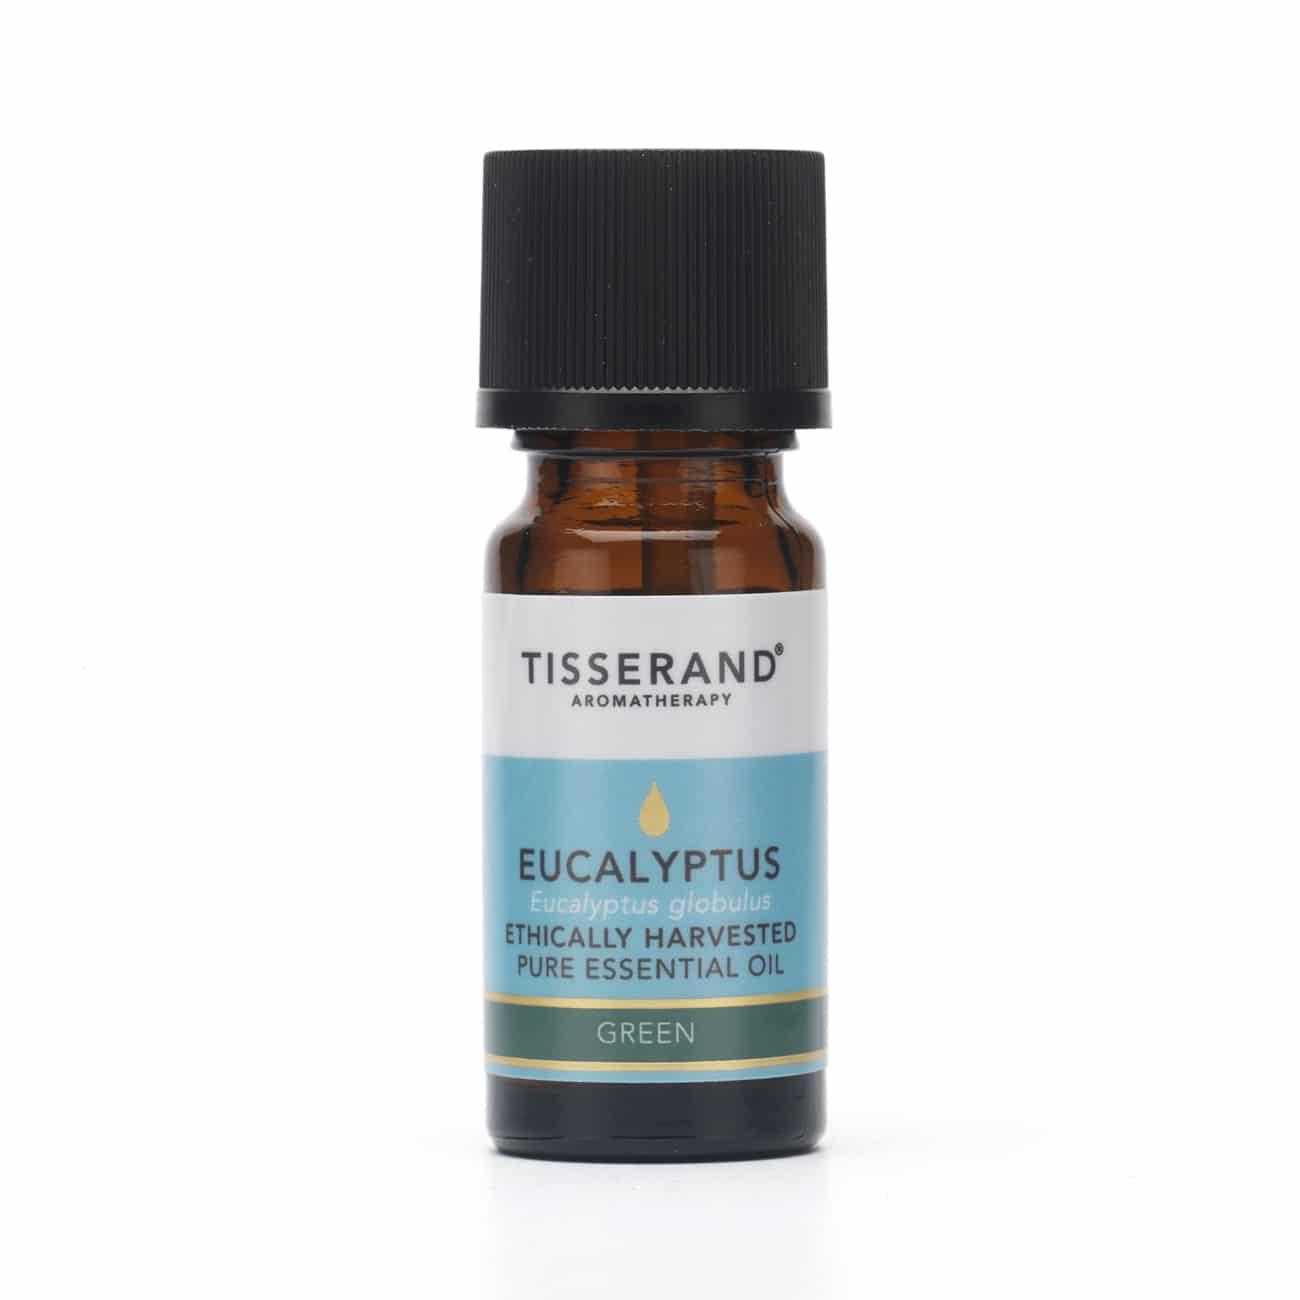 Tisserand-Aromatherapy-Eucalyptus-Essential-Oil